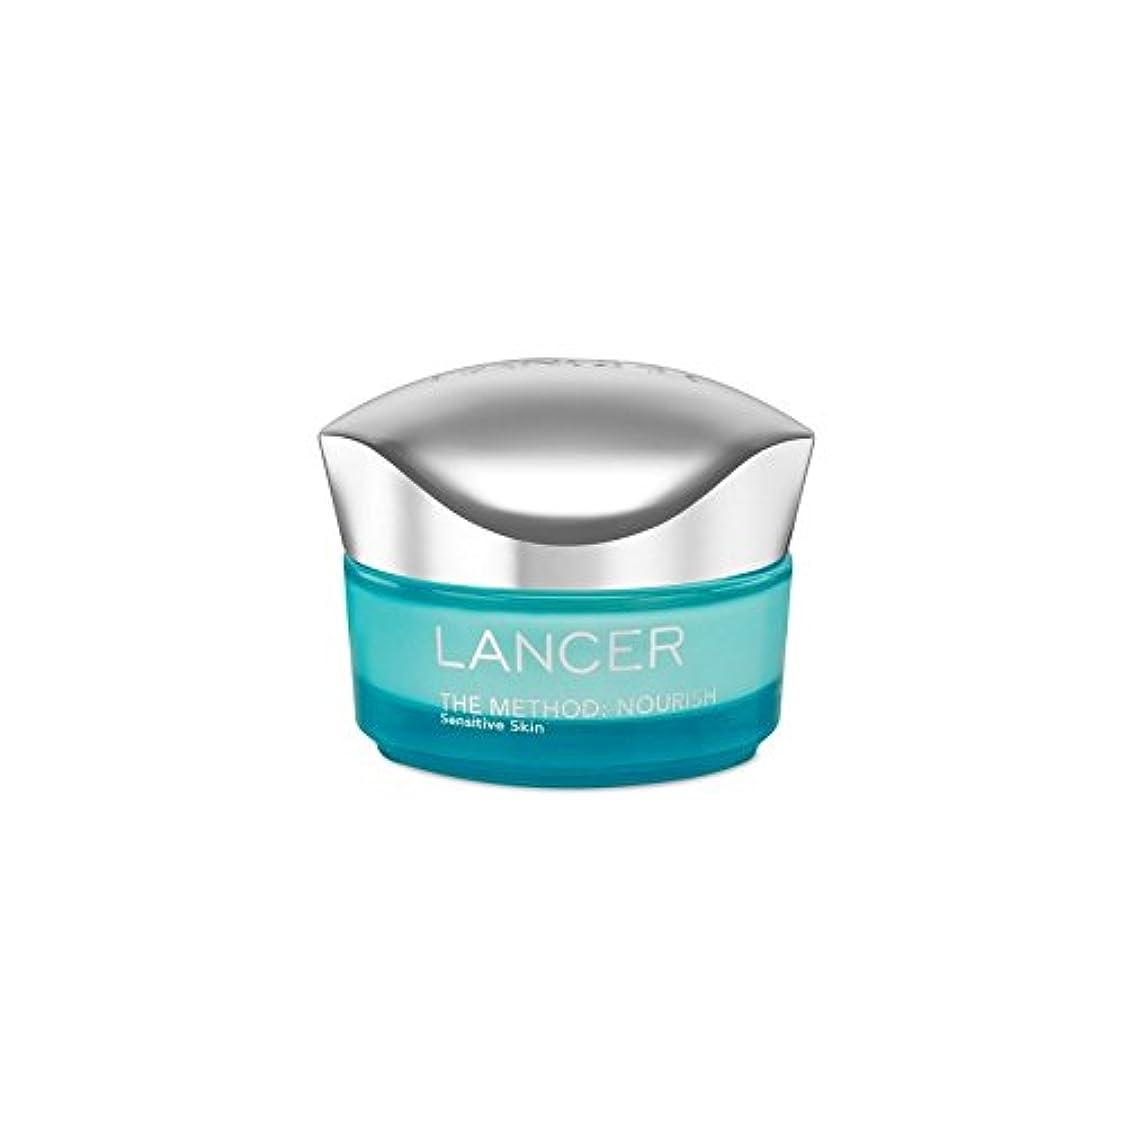 免疫可能受け入れたランサーは、この方法をスキンケア:保湿敏感肌(50)に栄養を与えます x2 - Lancer Skincare The Method: Nourish Moisturiser Sensitive Skin (50ml)...